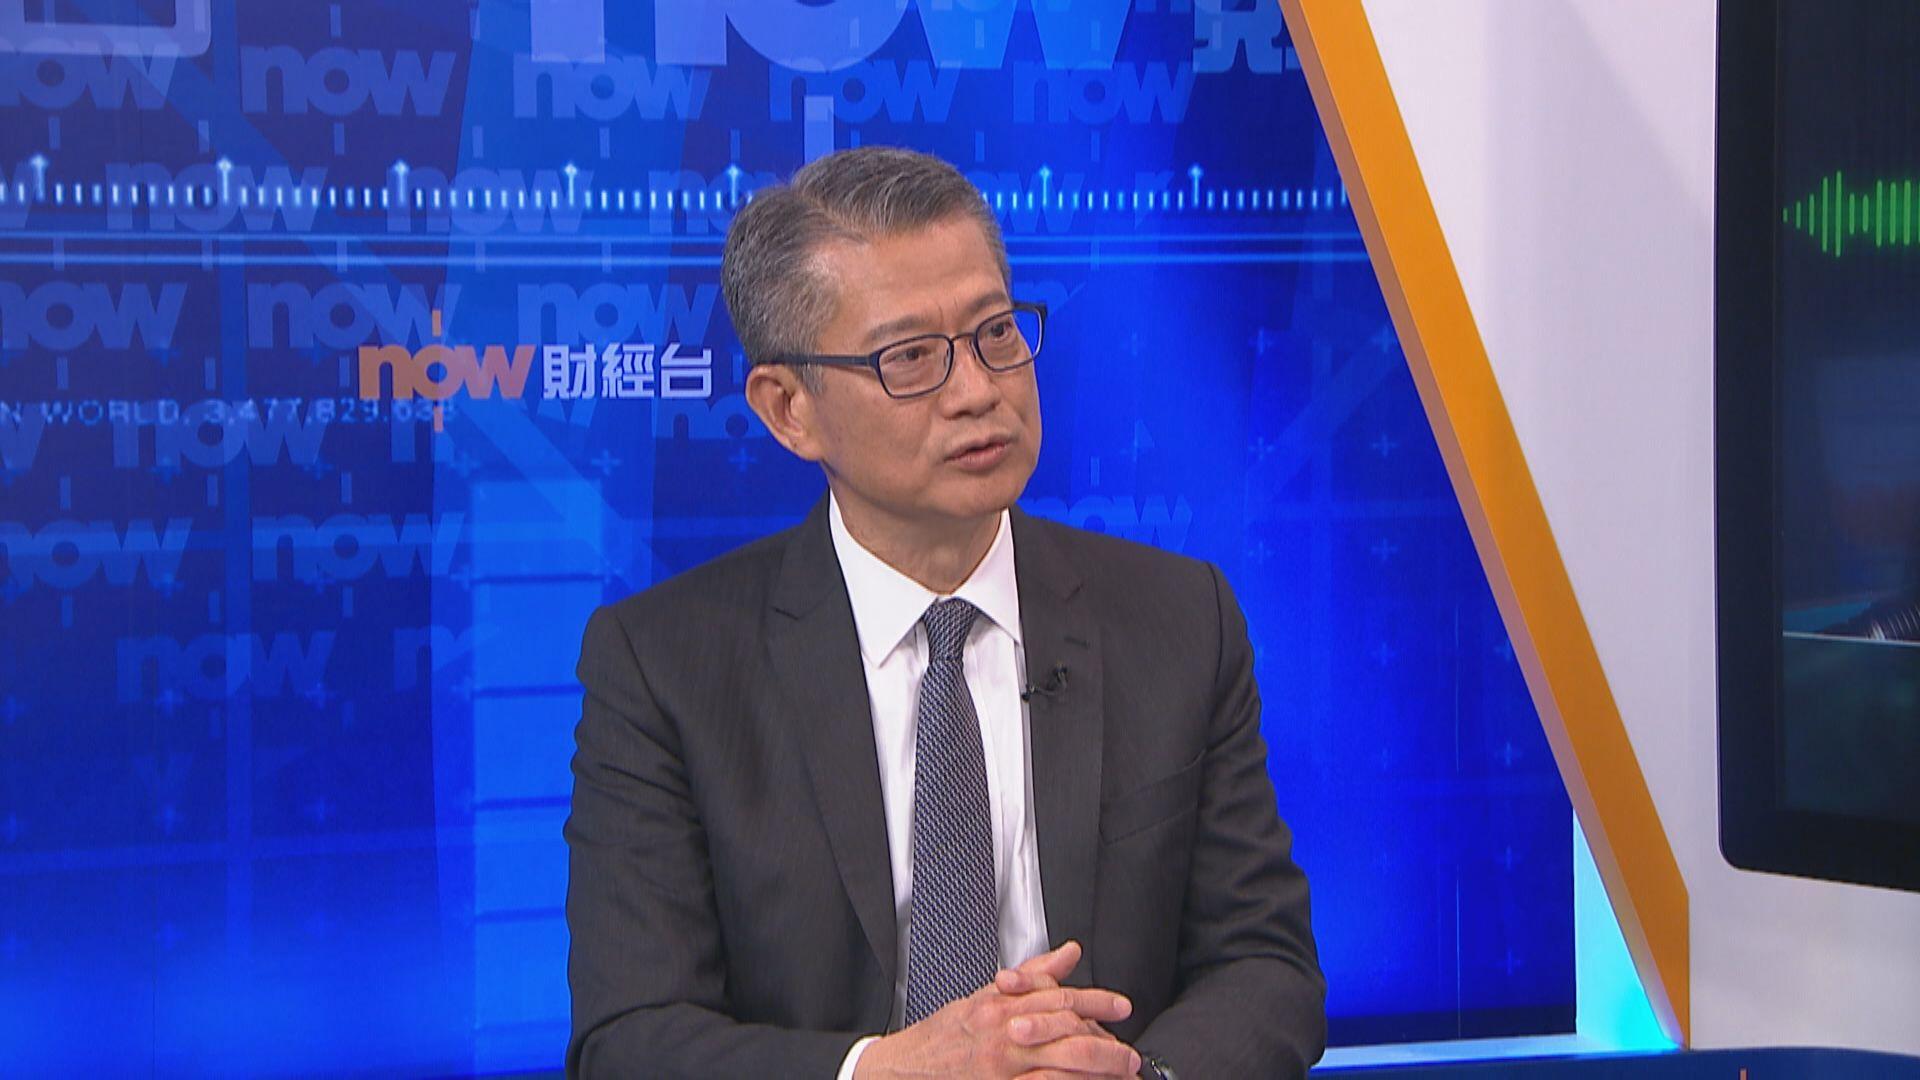 陳茂波:控制本地疫情後有望恢復對外經貿往來